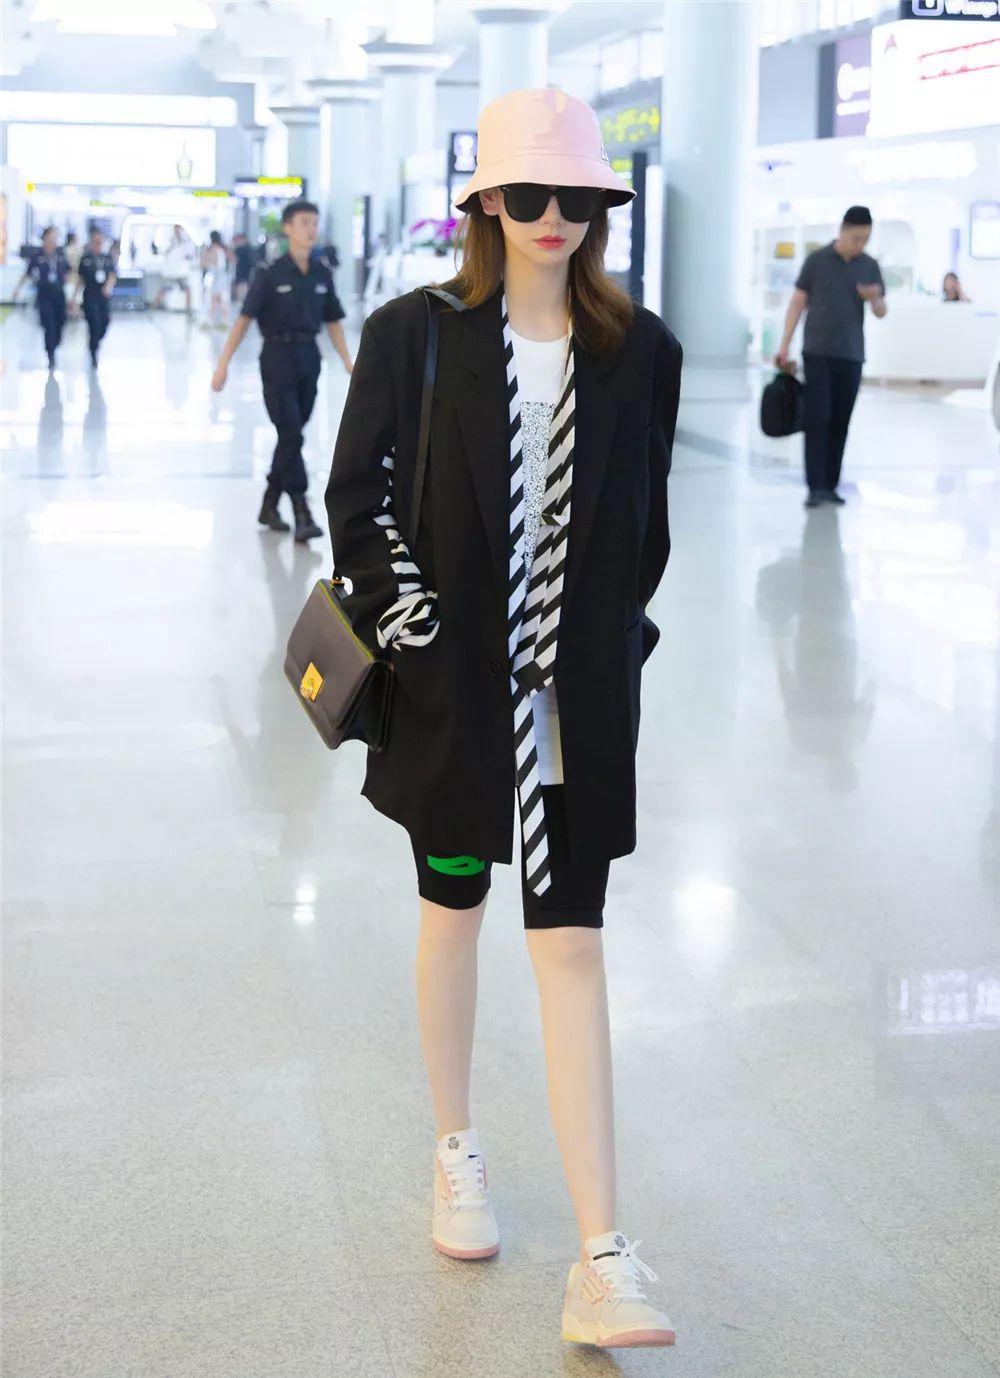 戚薇的好身材不是盖的!穿灯笼裤双腿又细又长,蚂蚁腰不像生过娃